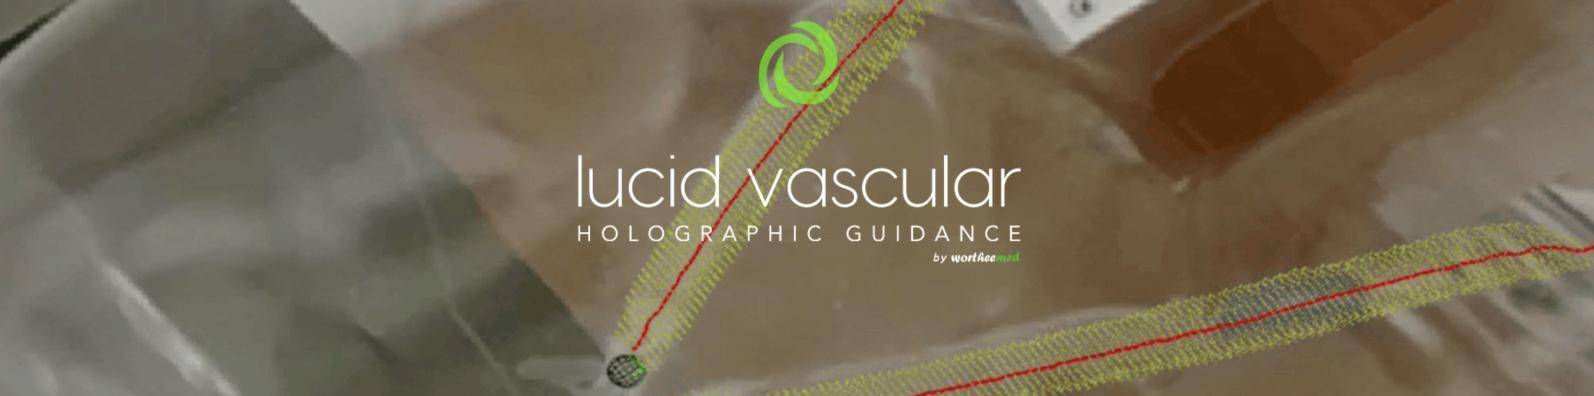 Lucid Vascular